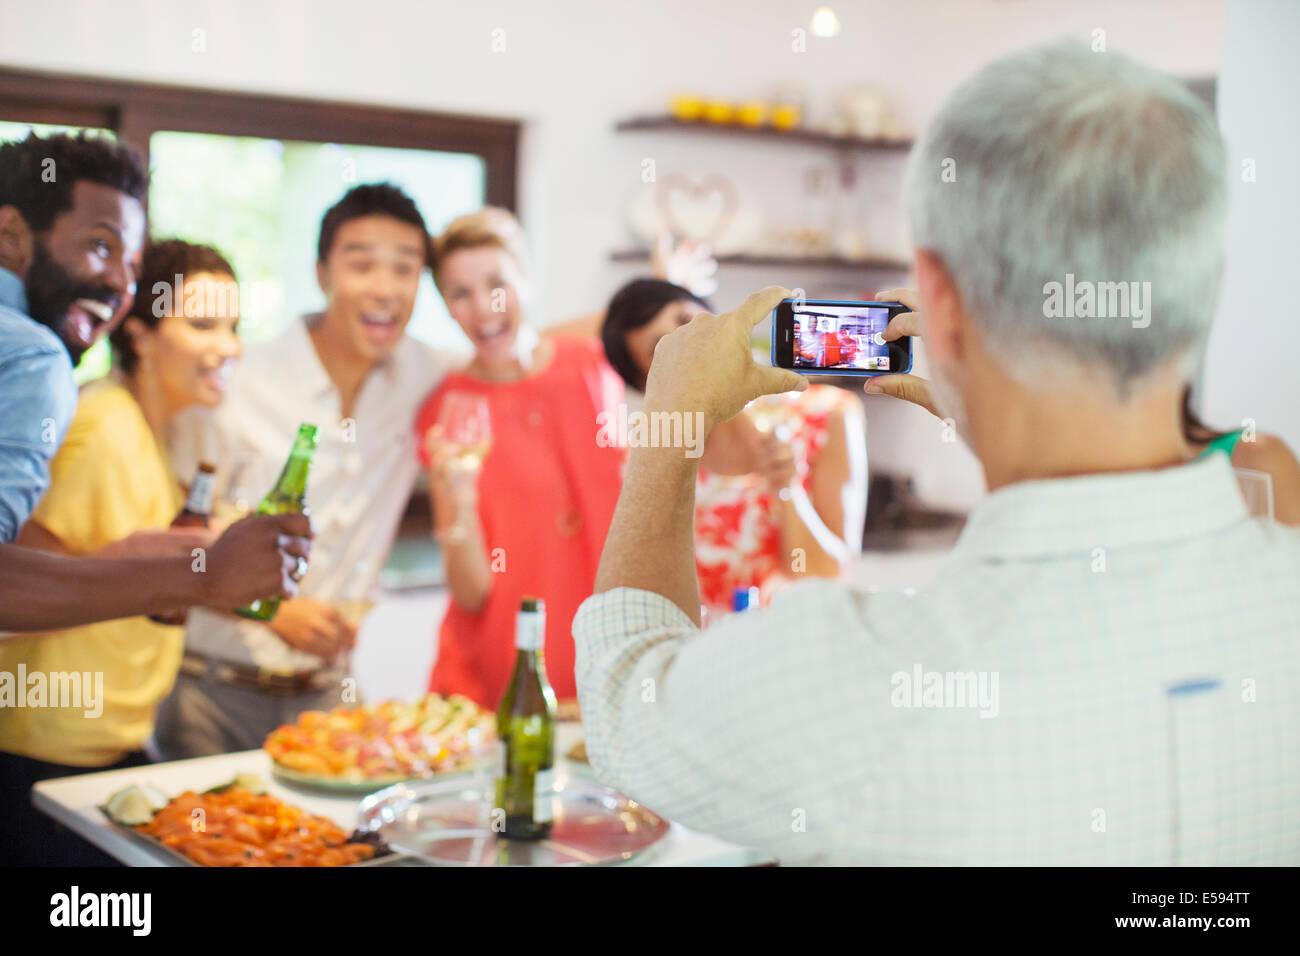 Amigos tomando imagen junto a parte Imagen De Stock